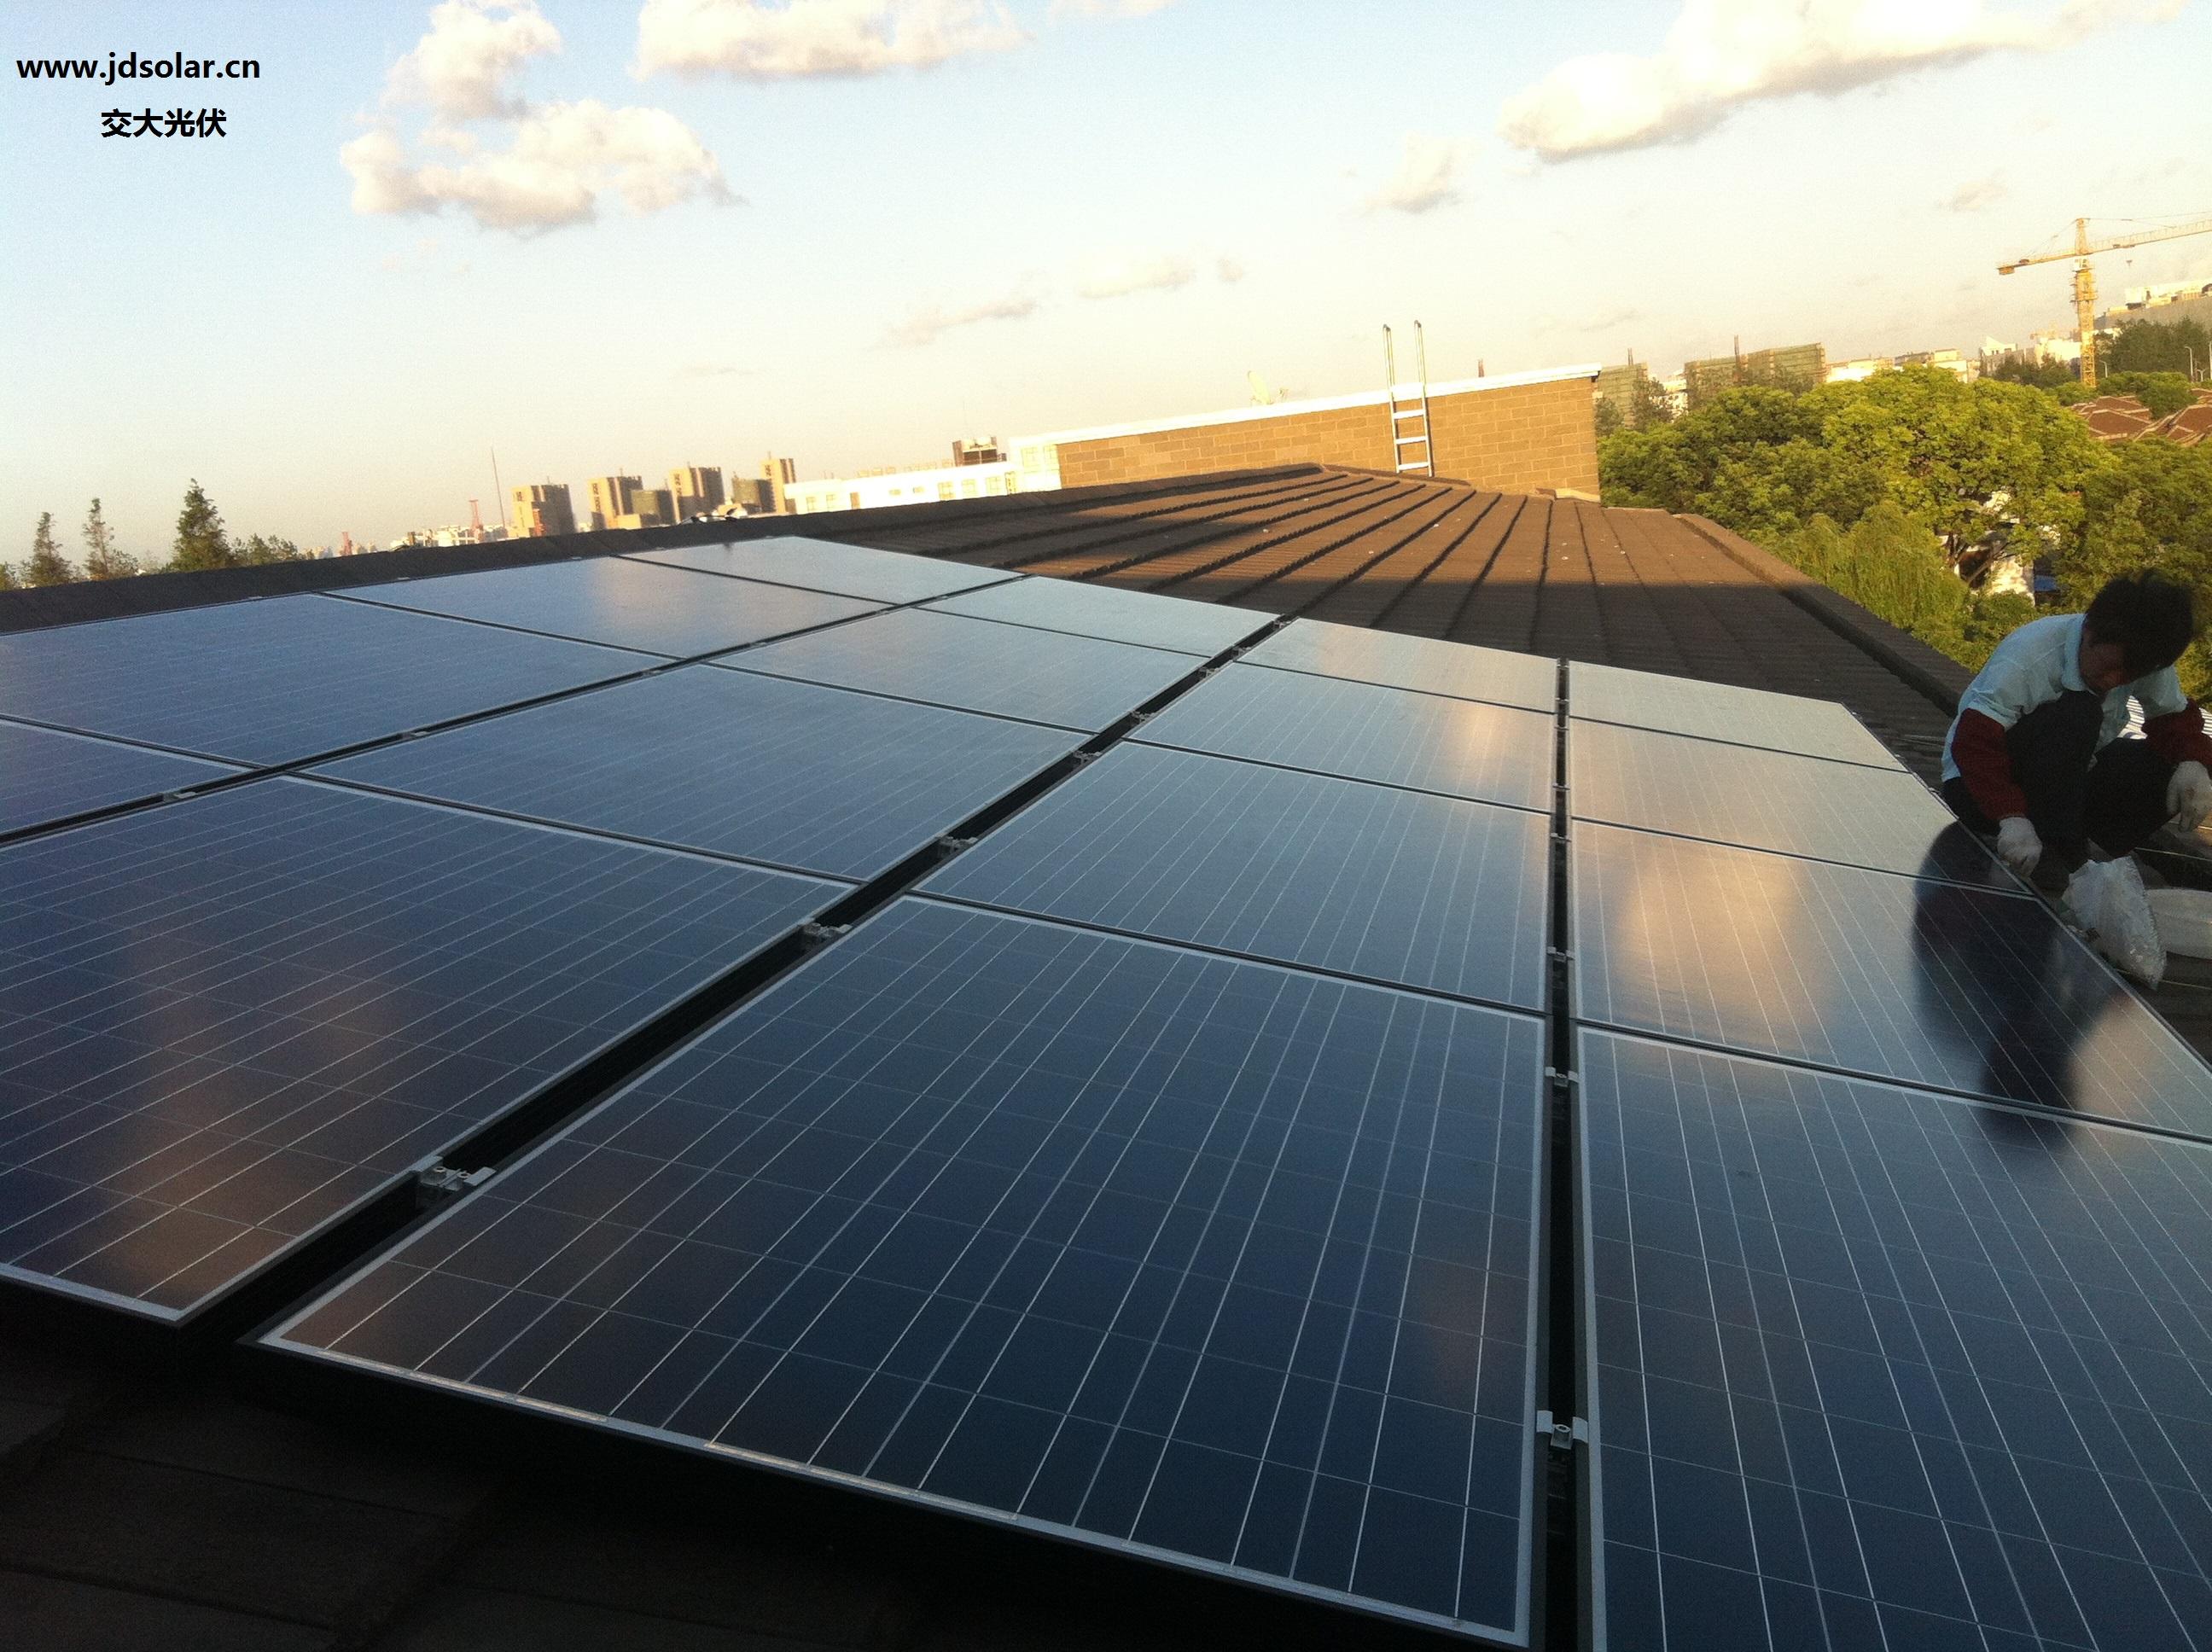 家庭光伏电站价格_家用太阳能光伏发电设备的价格是多少?【价格,厂家,求